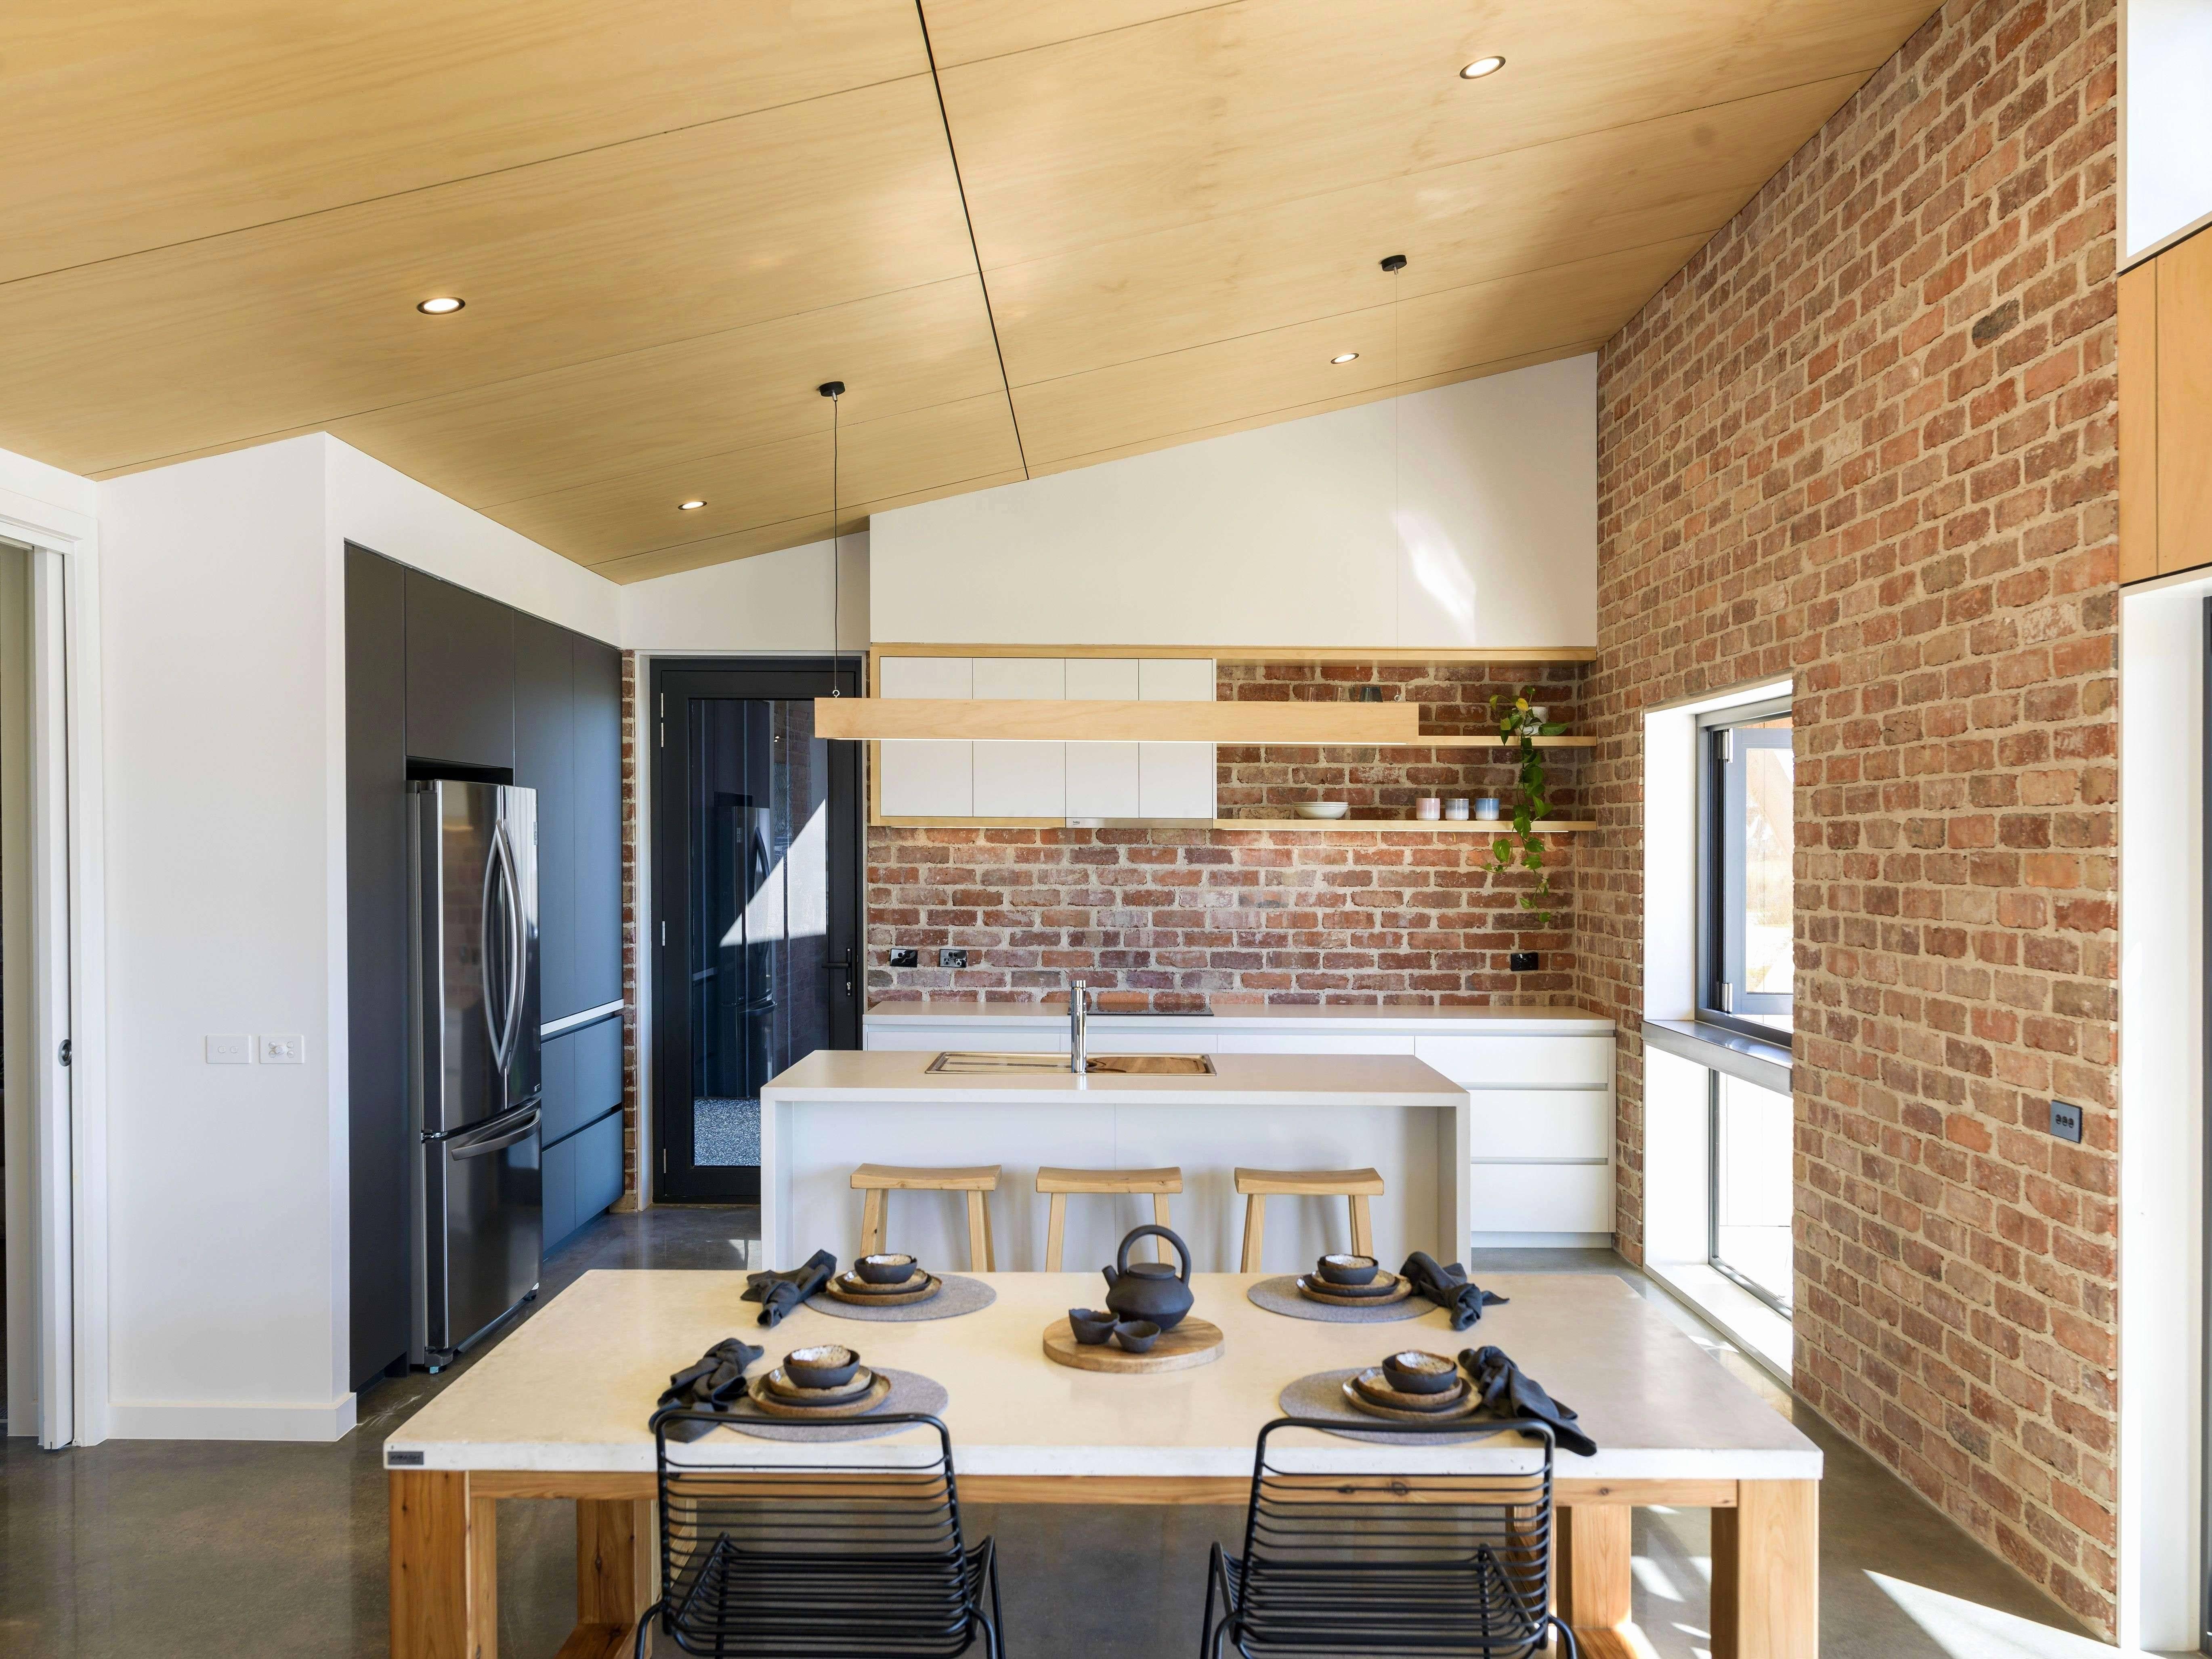 galley kitchen designs elegant kitchen decor items new kitchen zeev kitchen zeev kitchen 0d scheme of galley kitchen designs